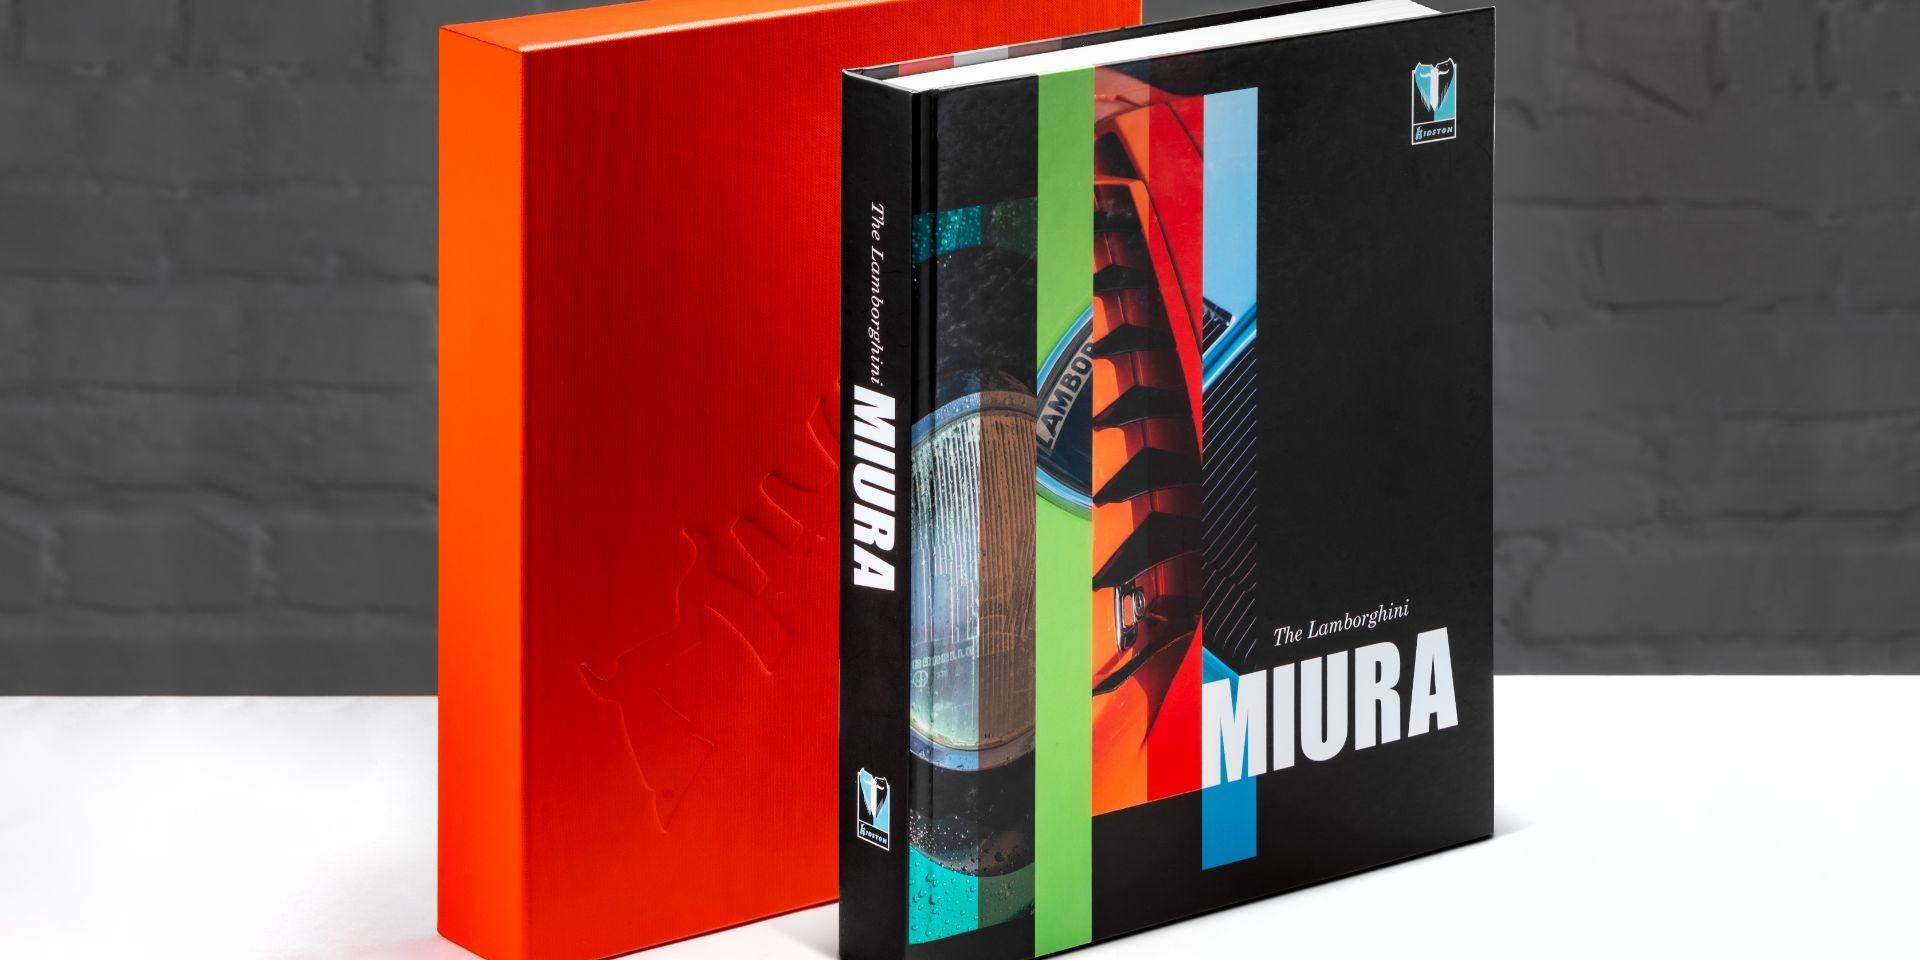 一本書竟然要價21萬!?Lamborghini Miura限量專書販售中!